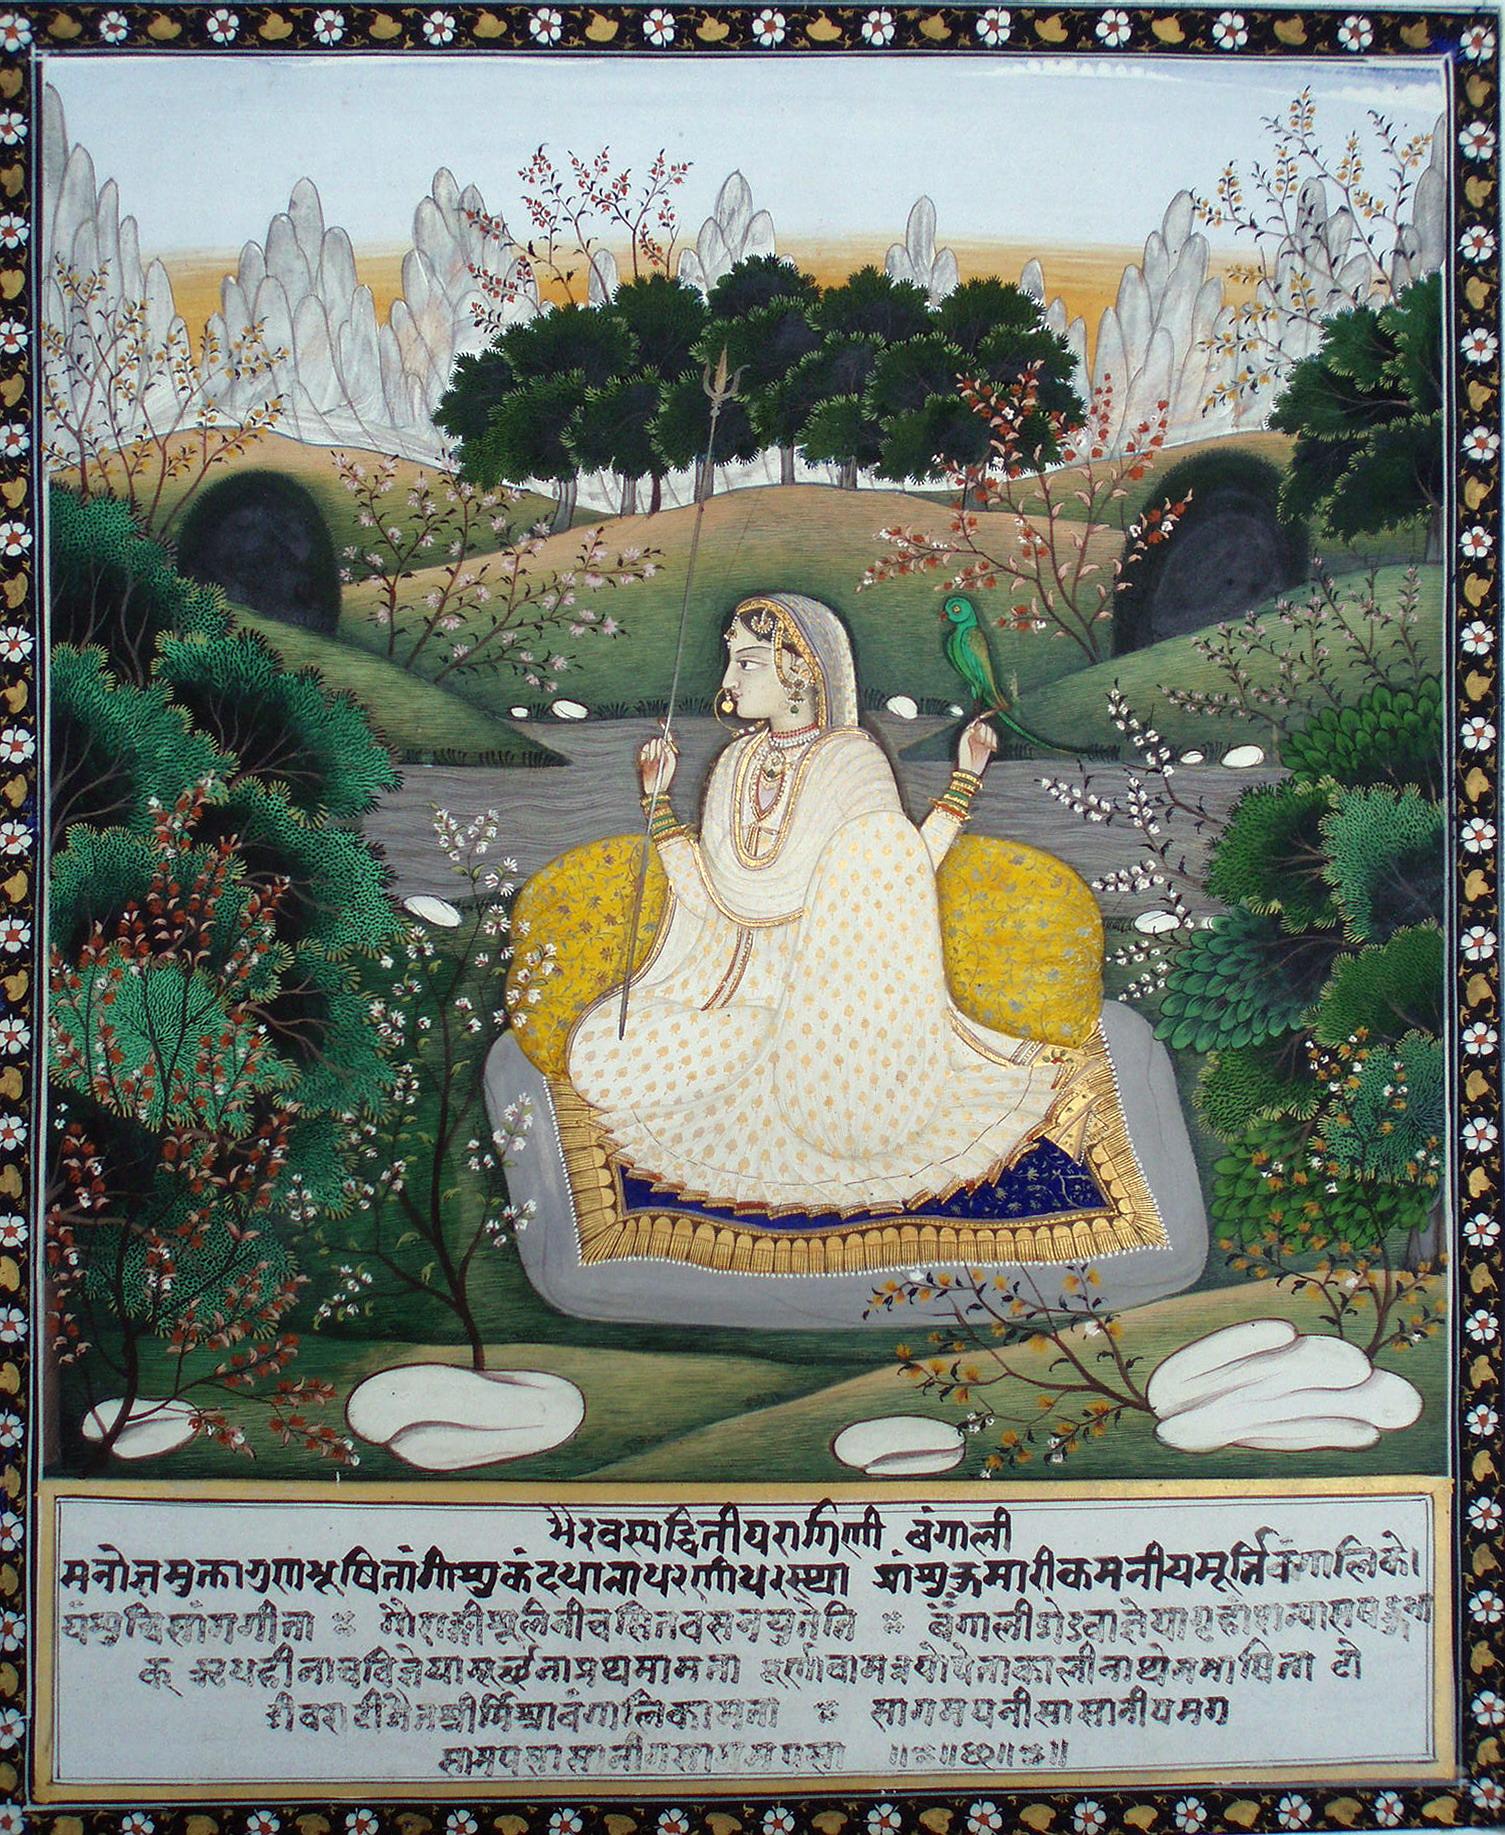 Bangali (Vangali) Ragini - Pahari Painting, 19th Century